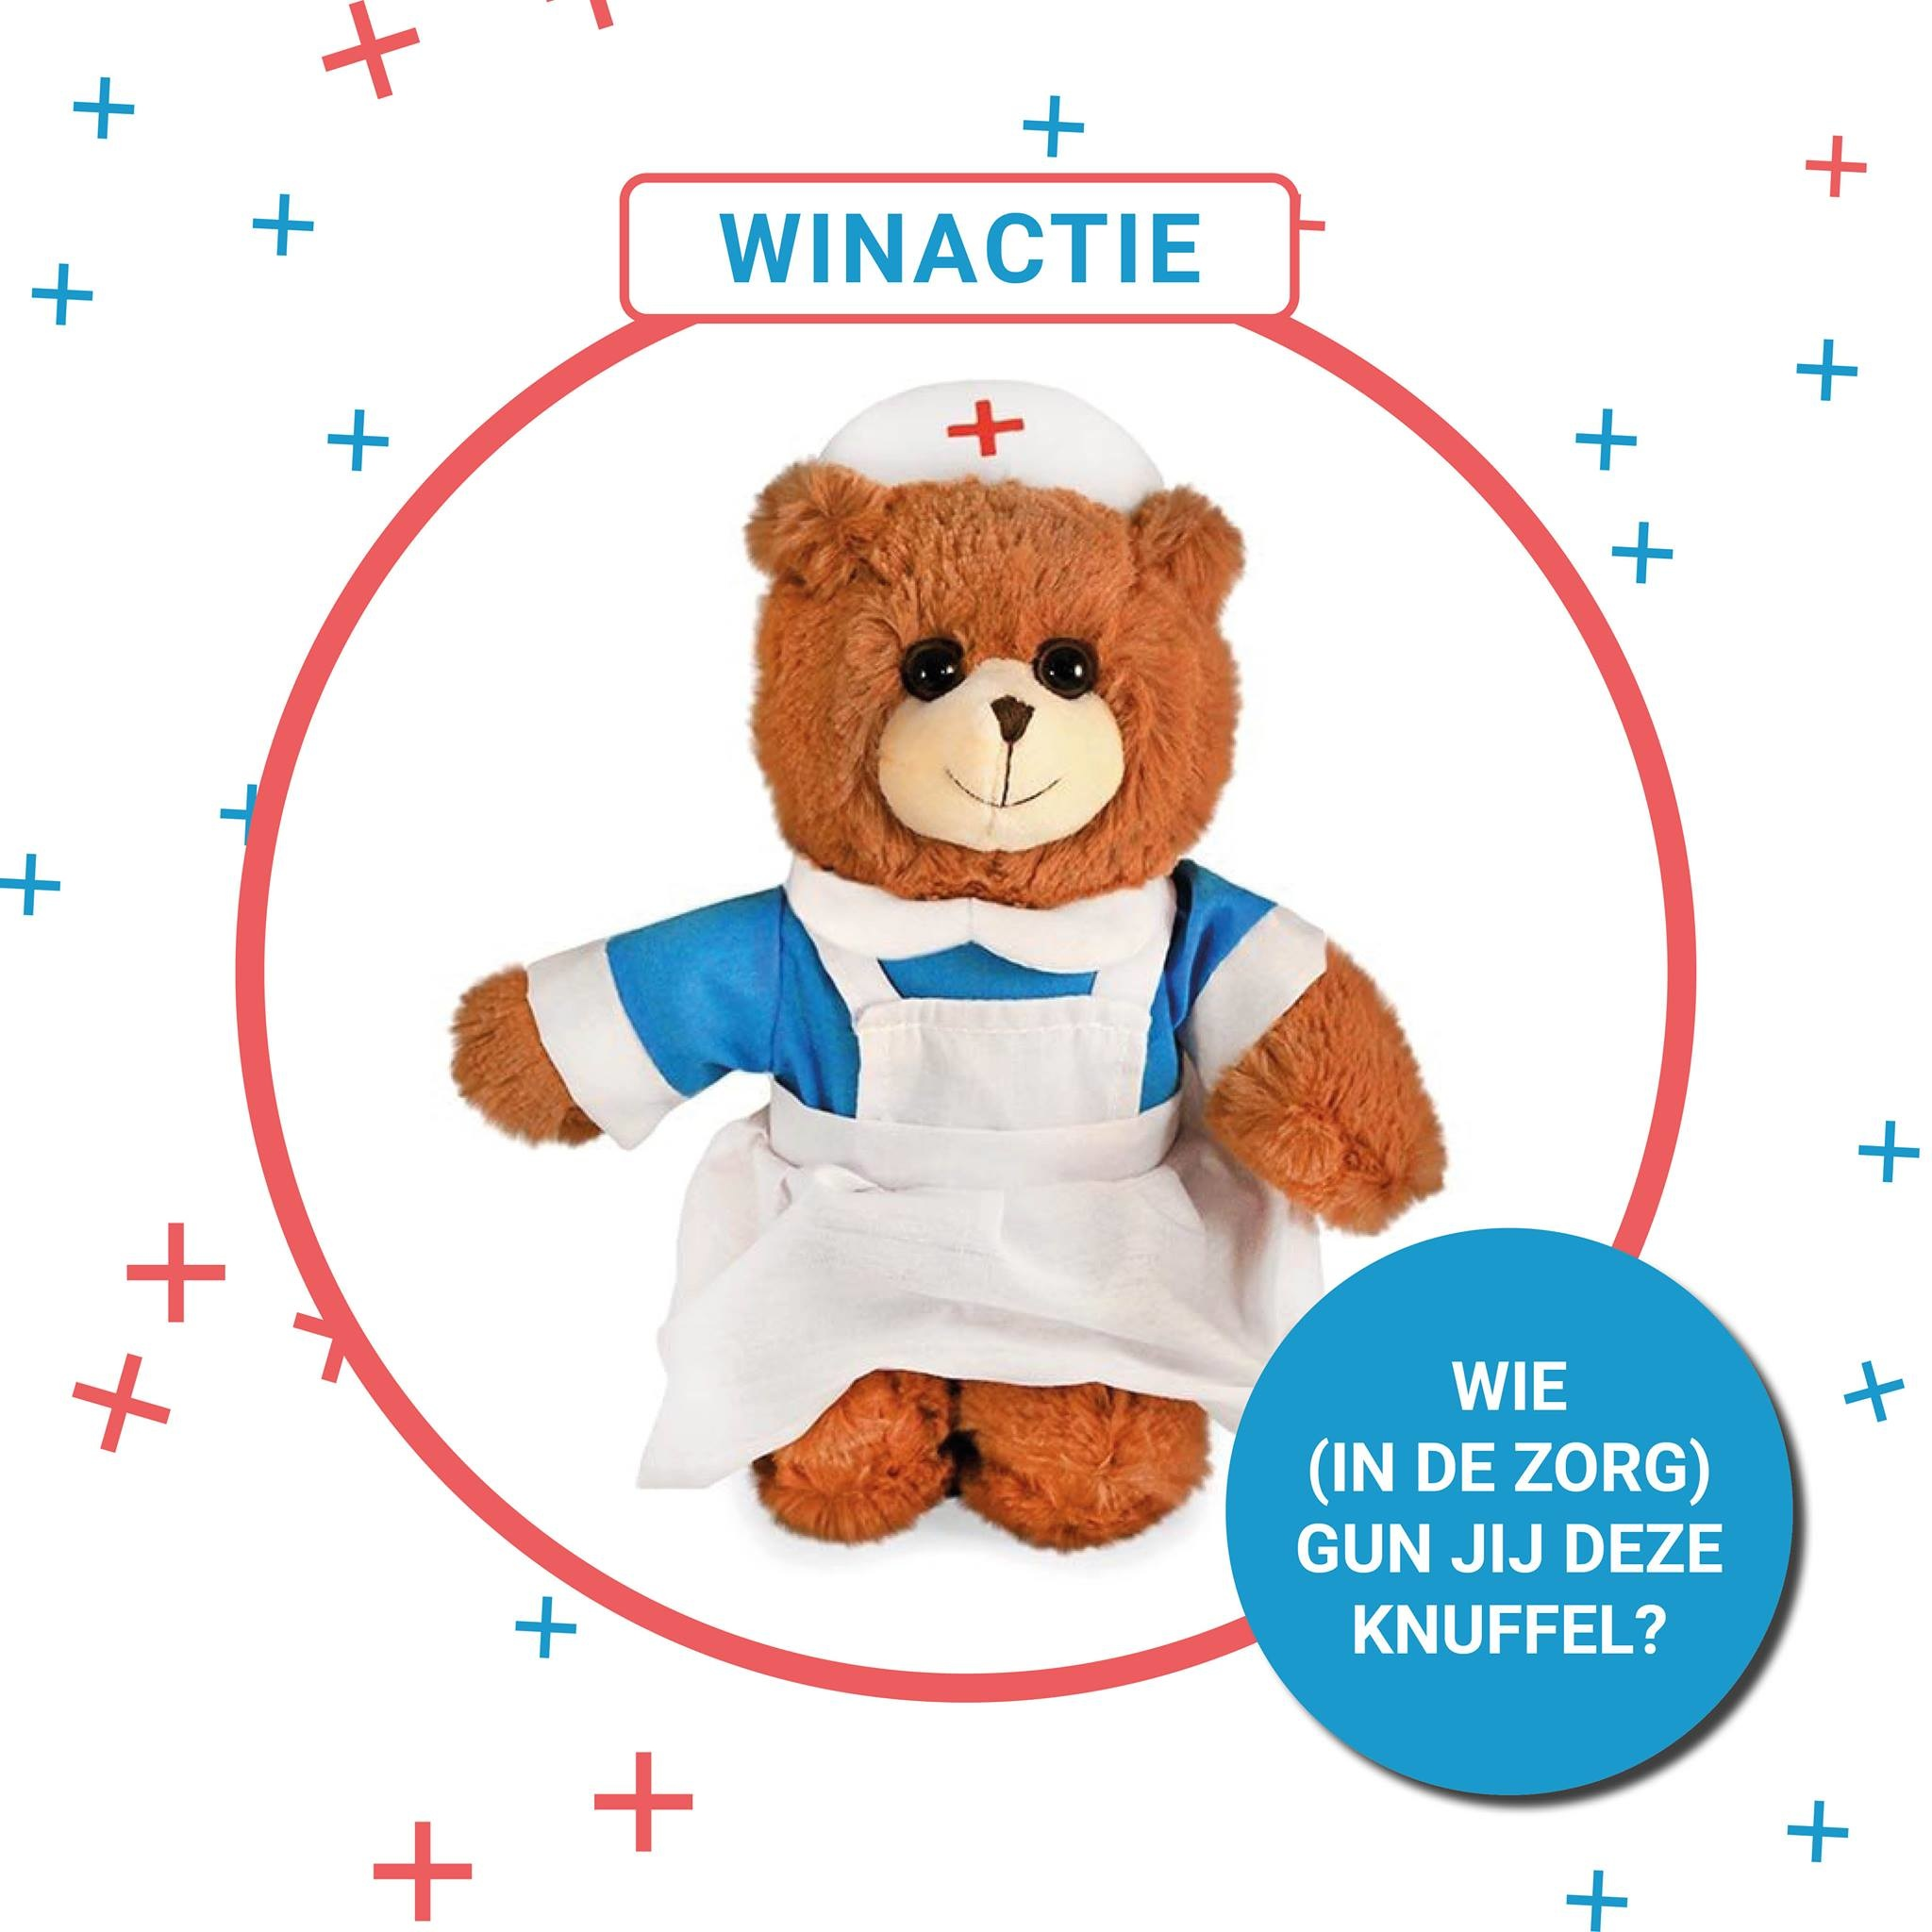 Teddybeer knuffel winnen